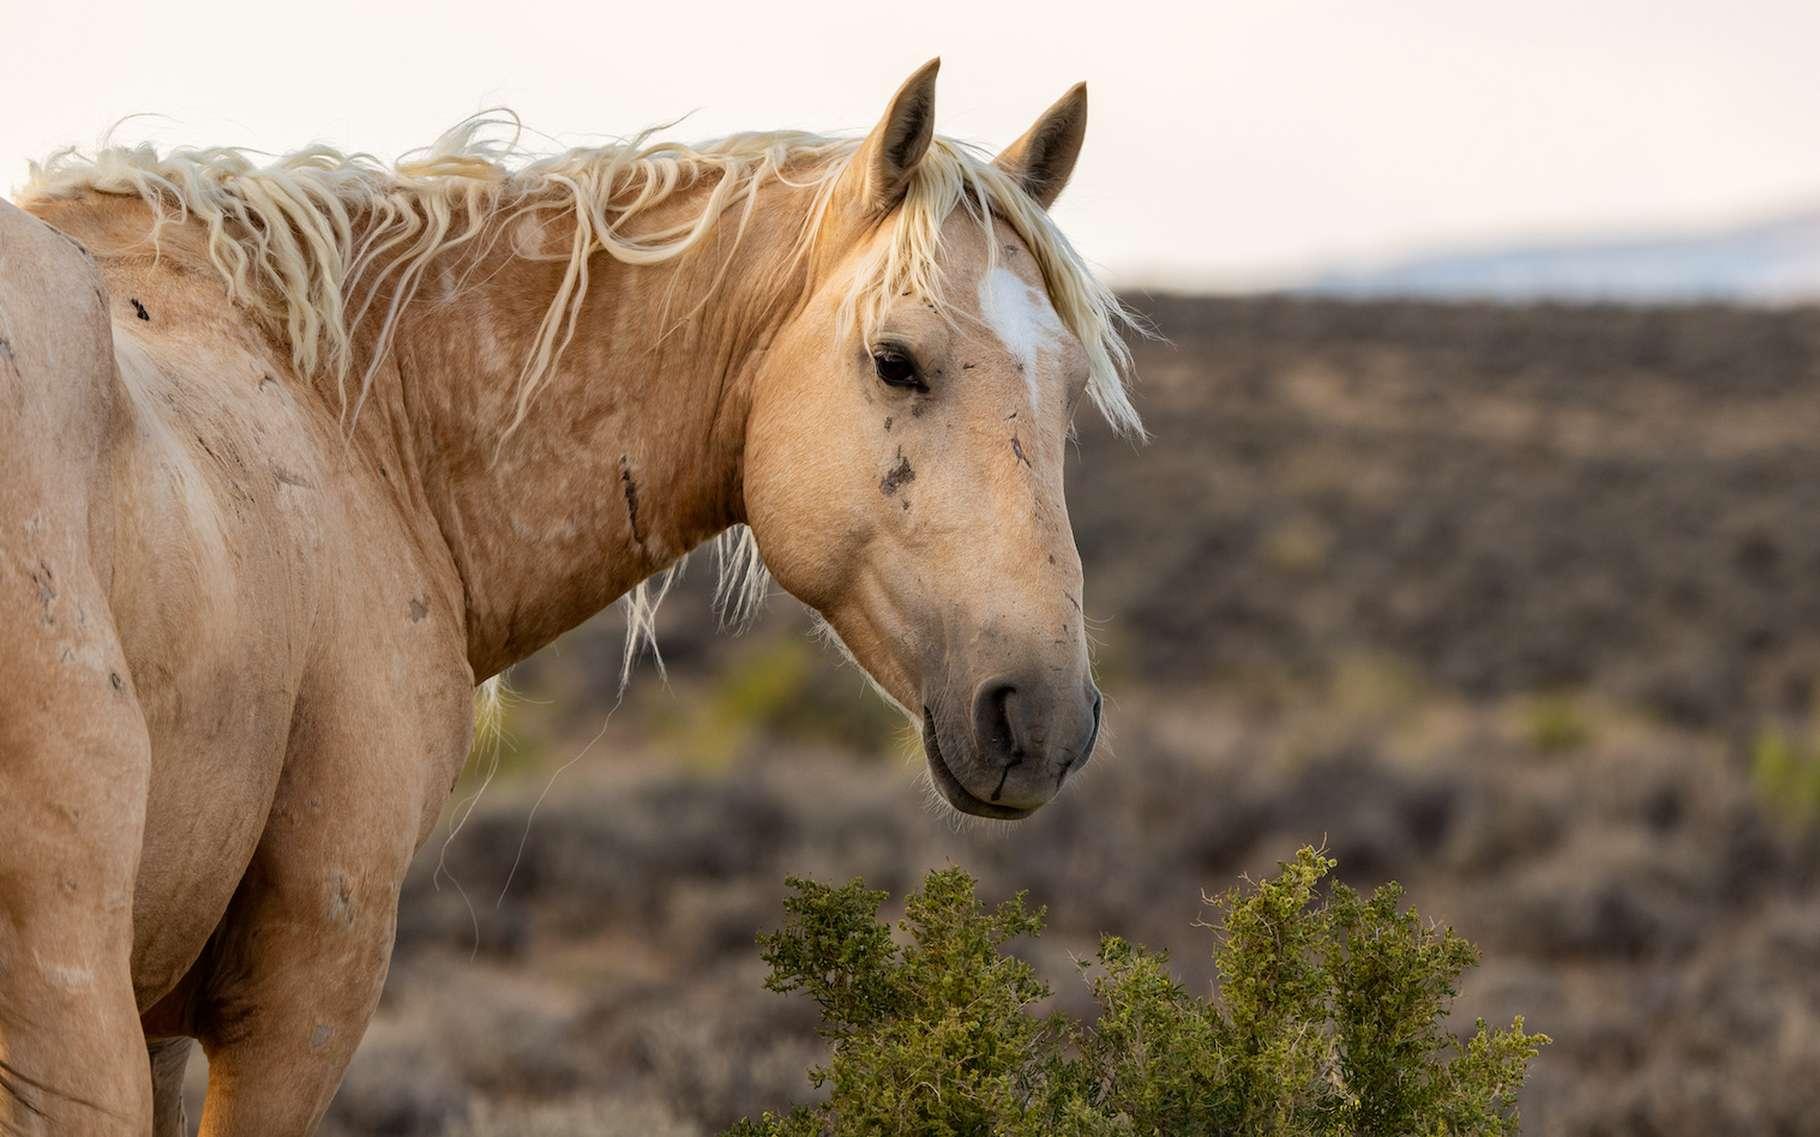 Des « trous du cul » de chevaux pour lutter contre la sécheresse